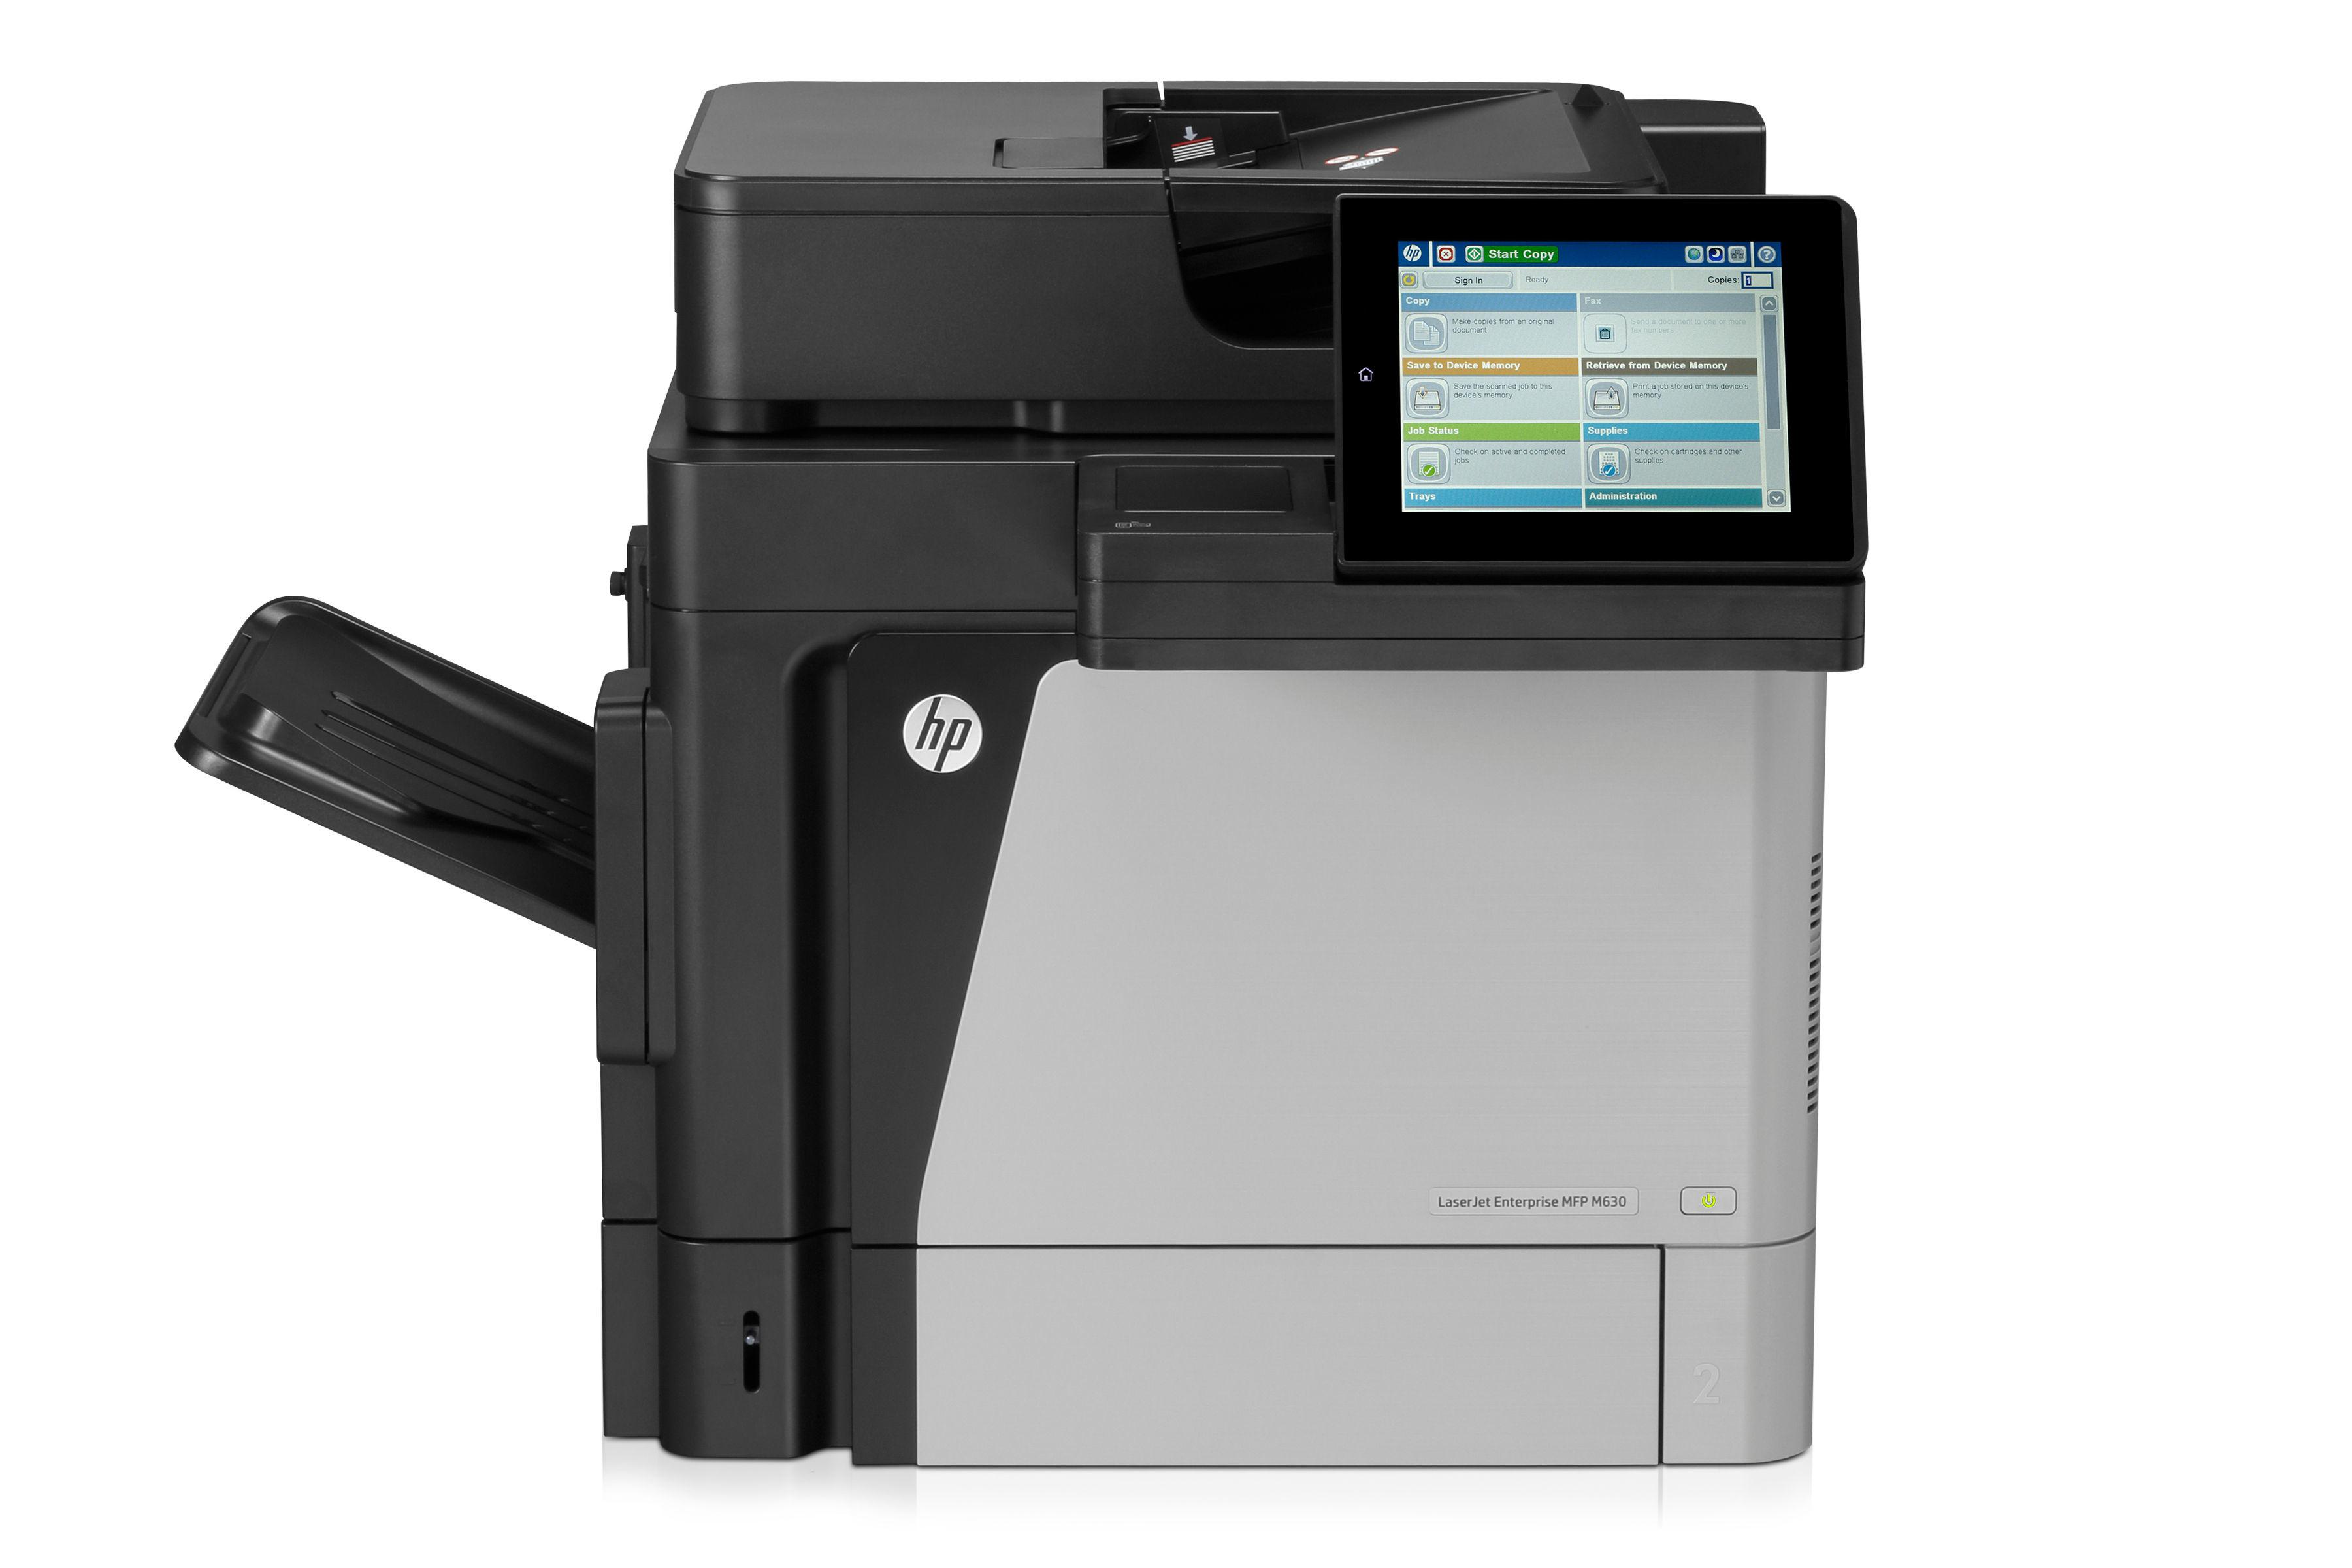 HP LaserJet Enterprise MFP M630h mono printer J7X28A - Refurbished